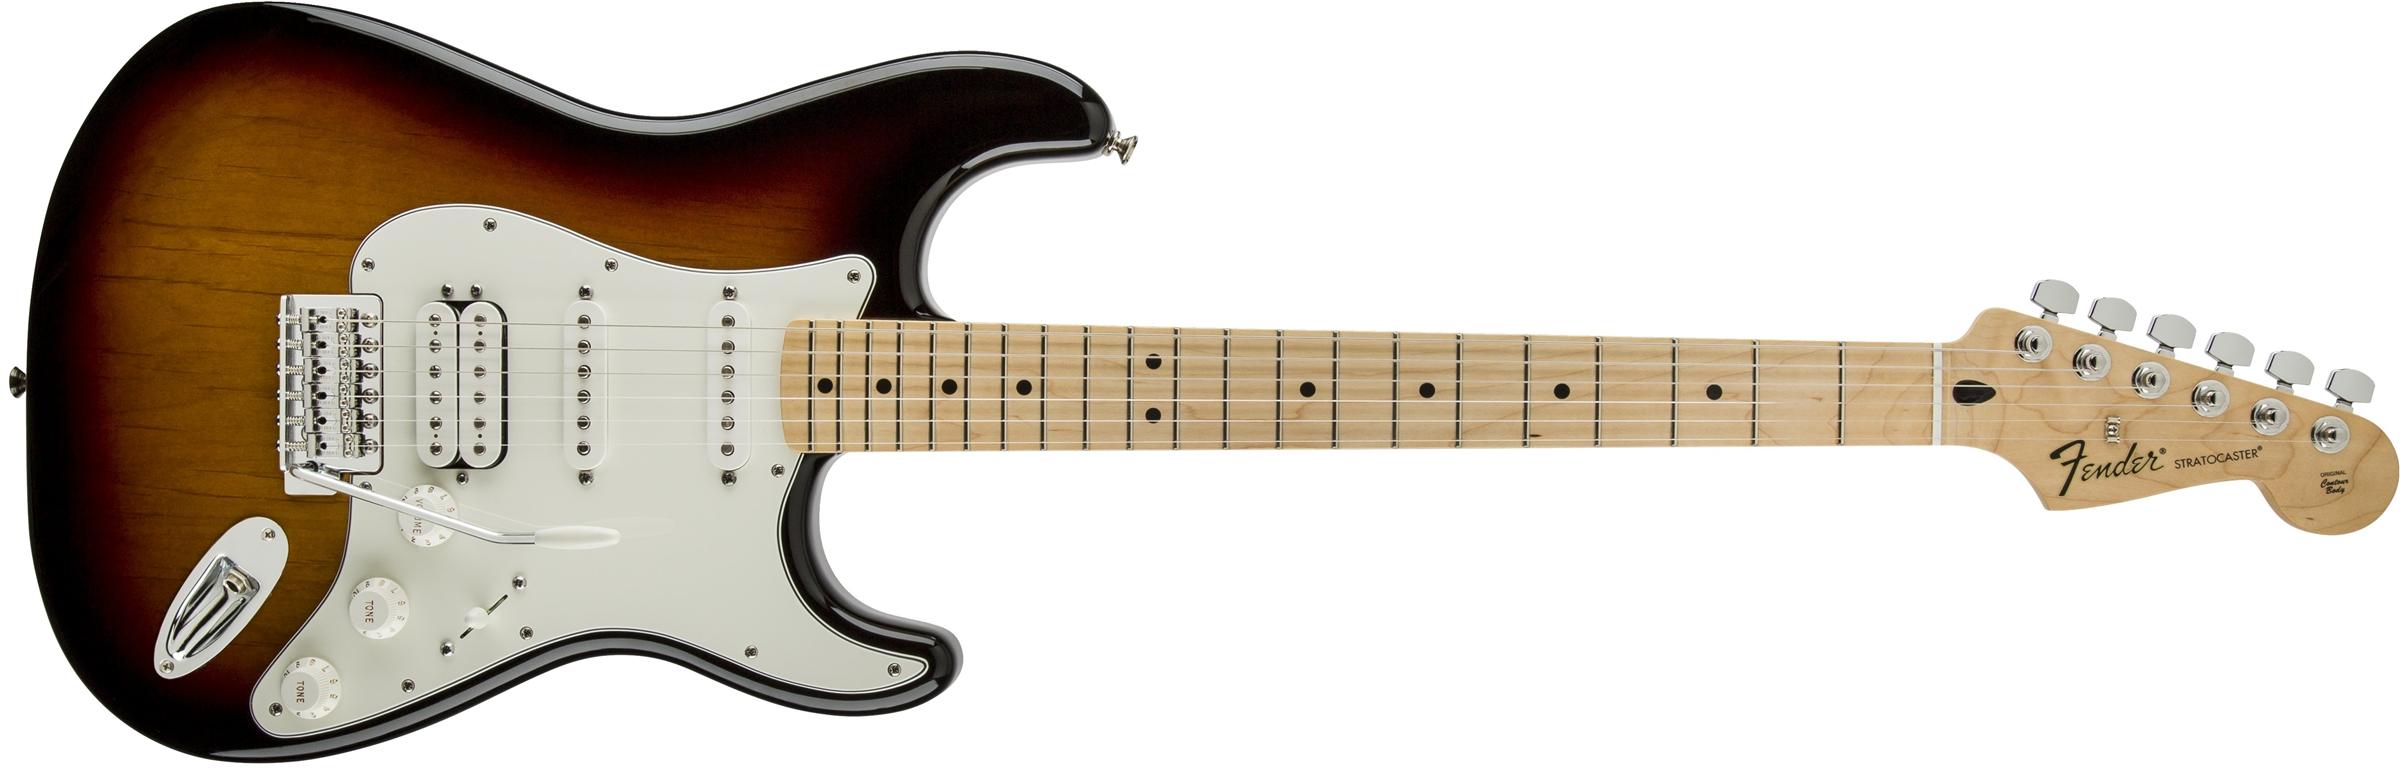 standard stratocaster hss electric guitars. Black Bedroom Furniture Sets. Home Design Ideas